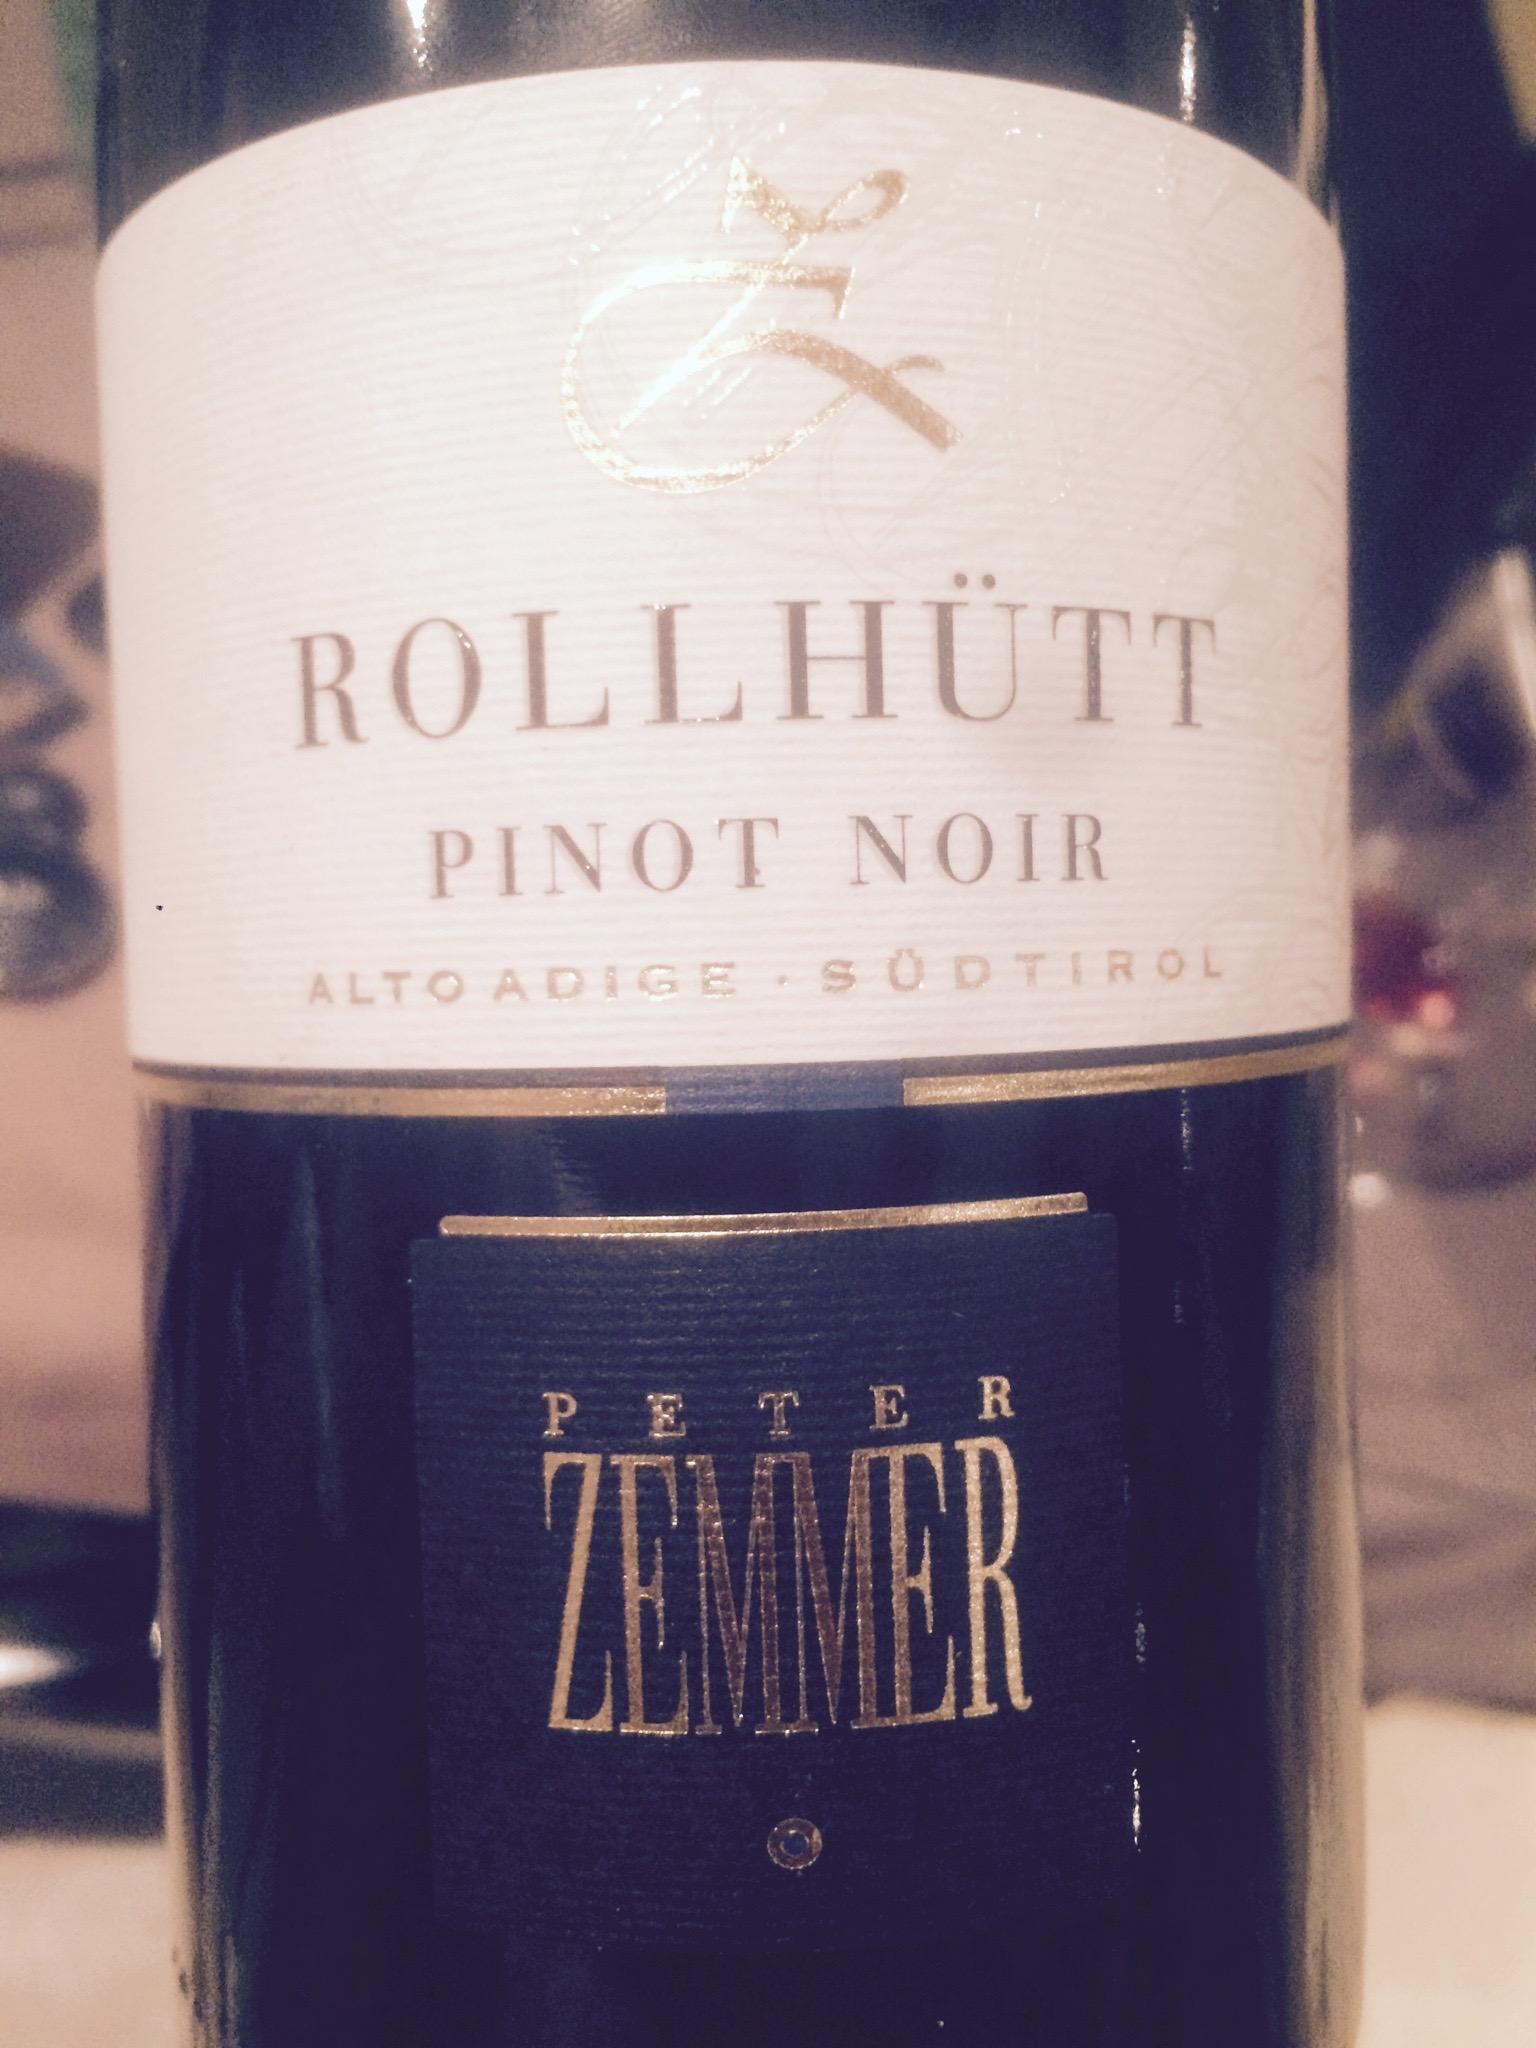 Pinot Noir Rolhüt 2011 – Peter Zemmer